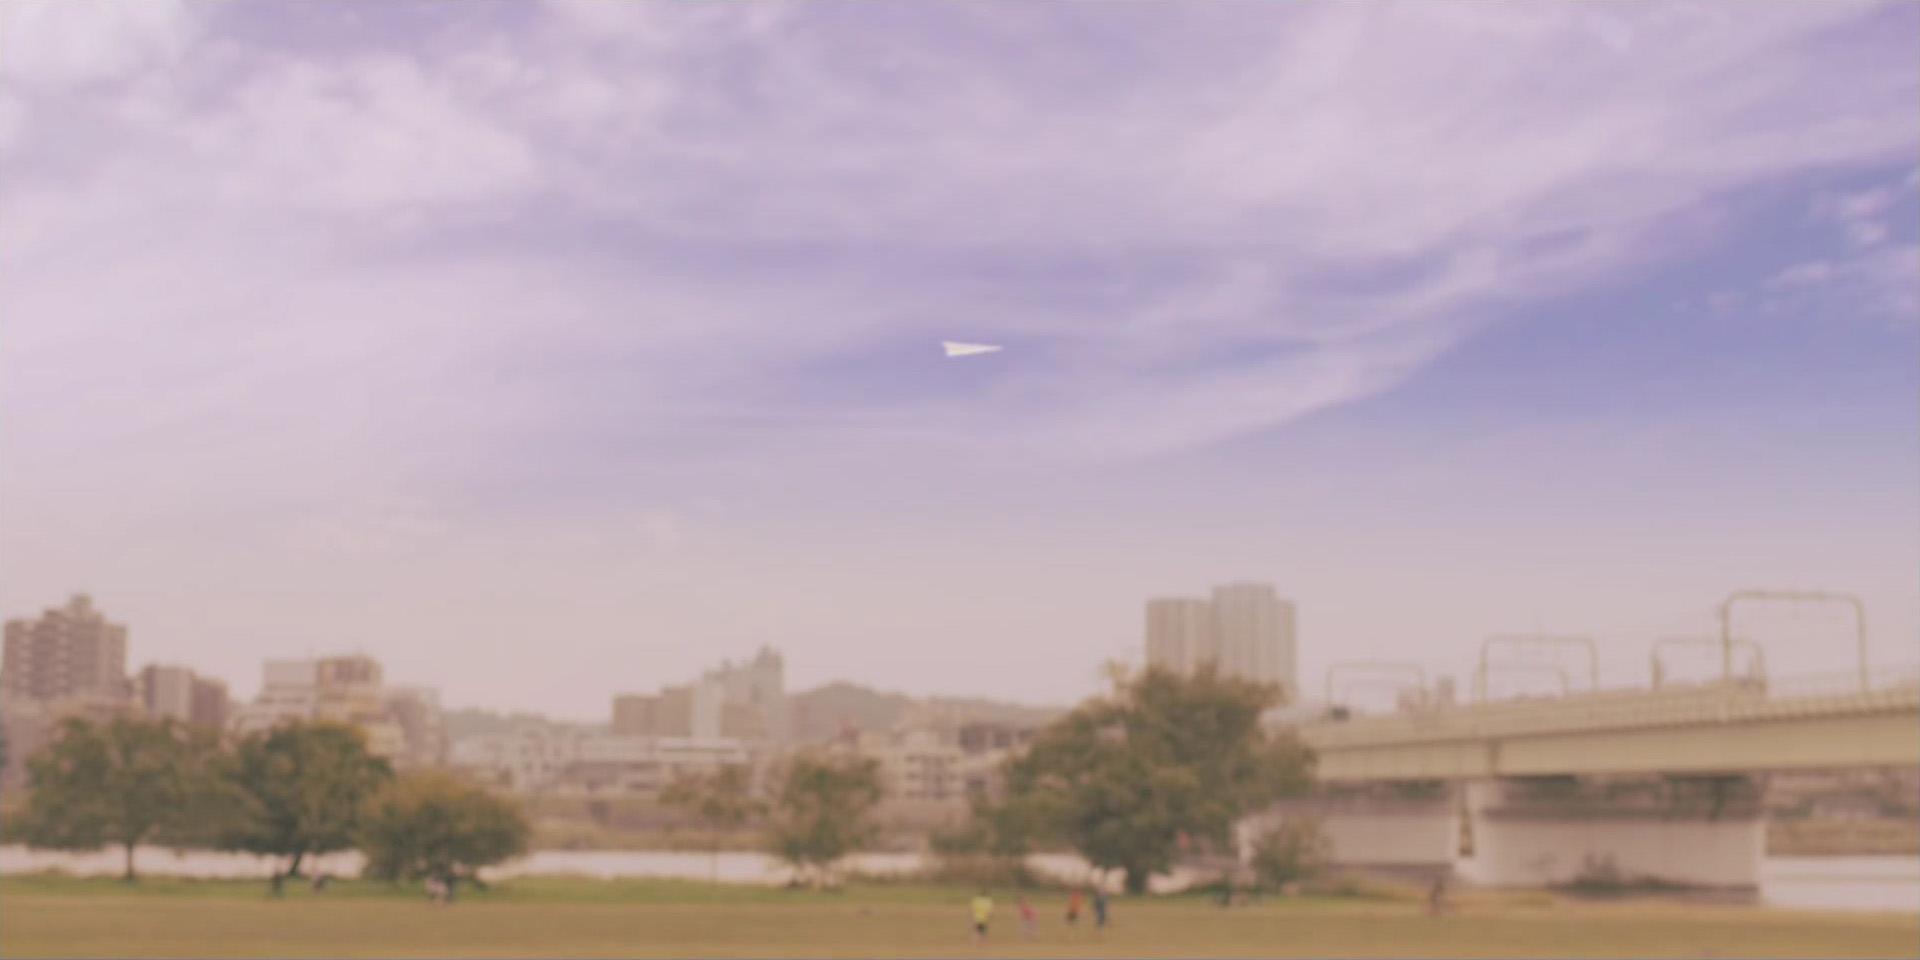 紙飛行機を飛ばす場所は狛江市 ...